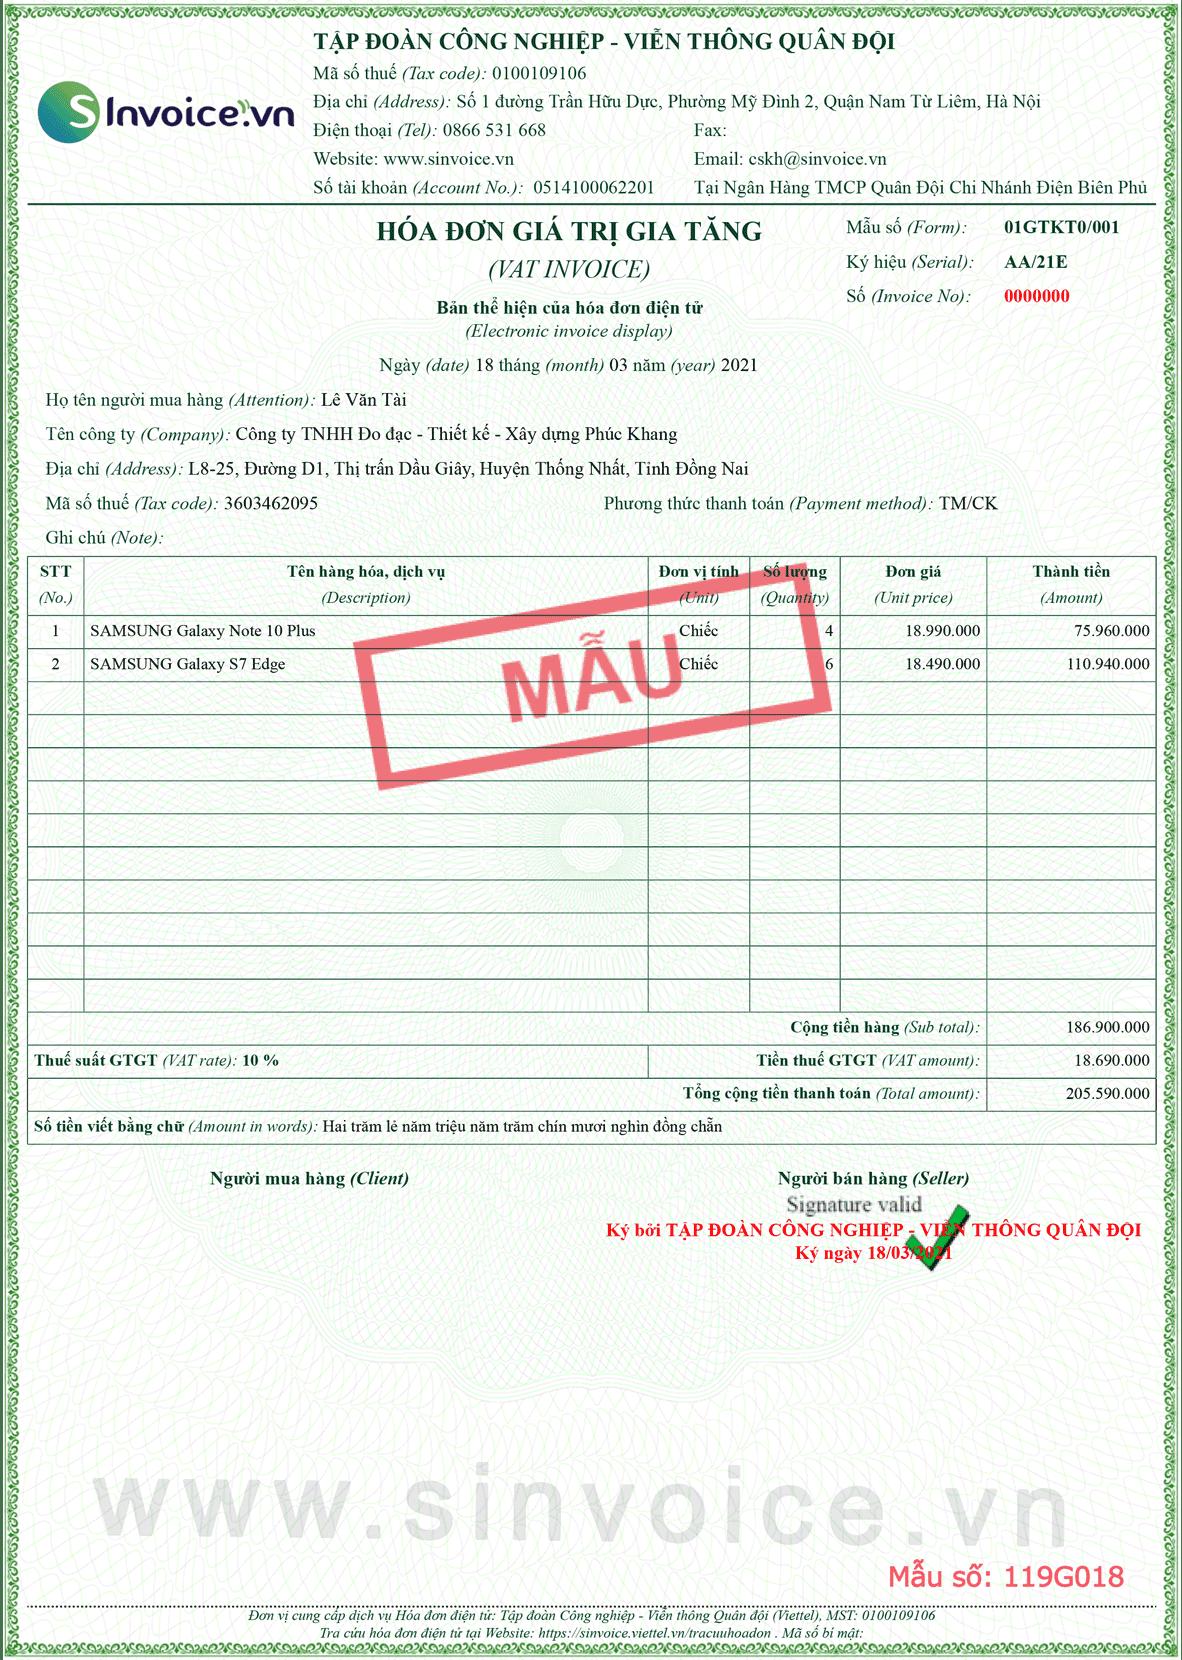 Mẫu hóa đơn điện tử số 119G018